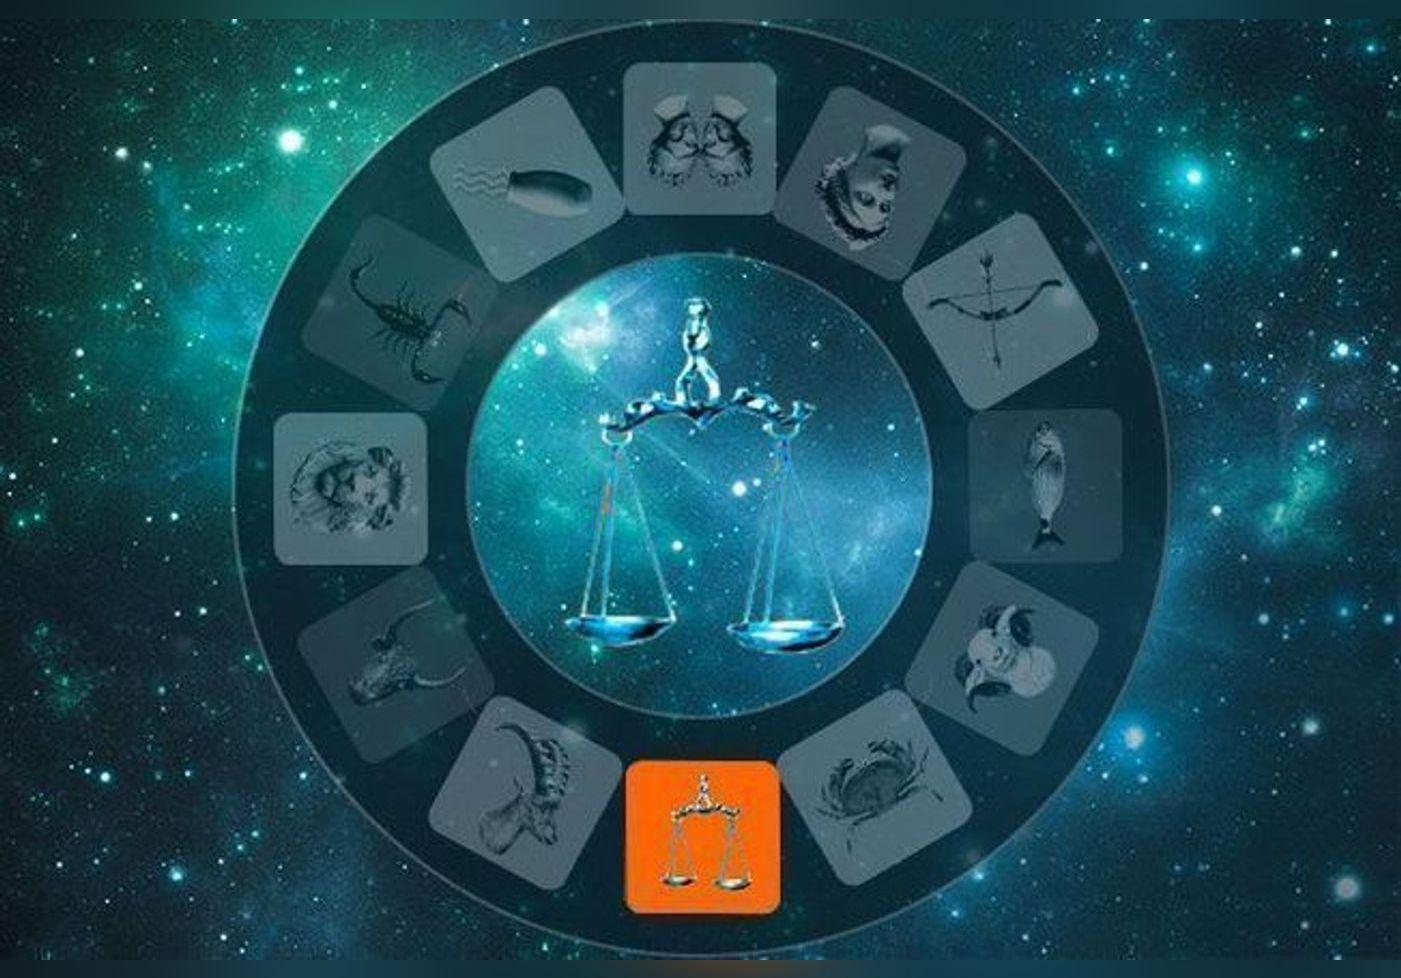 Votre horoscope de la semaine du 10 au 16 octobre 2021